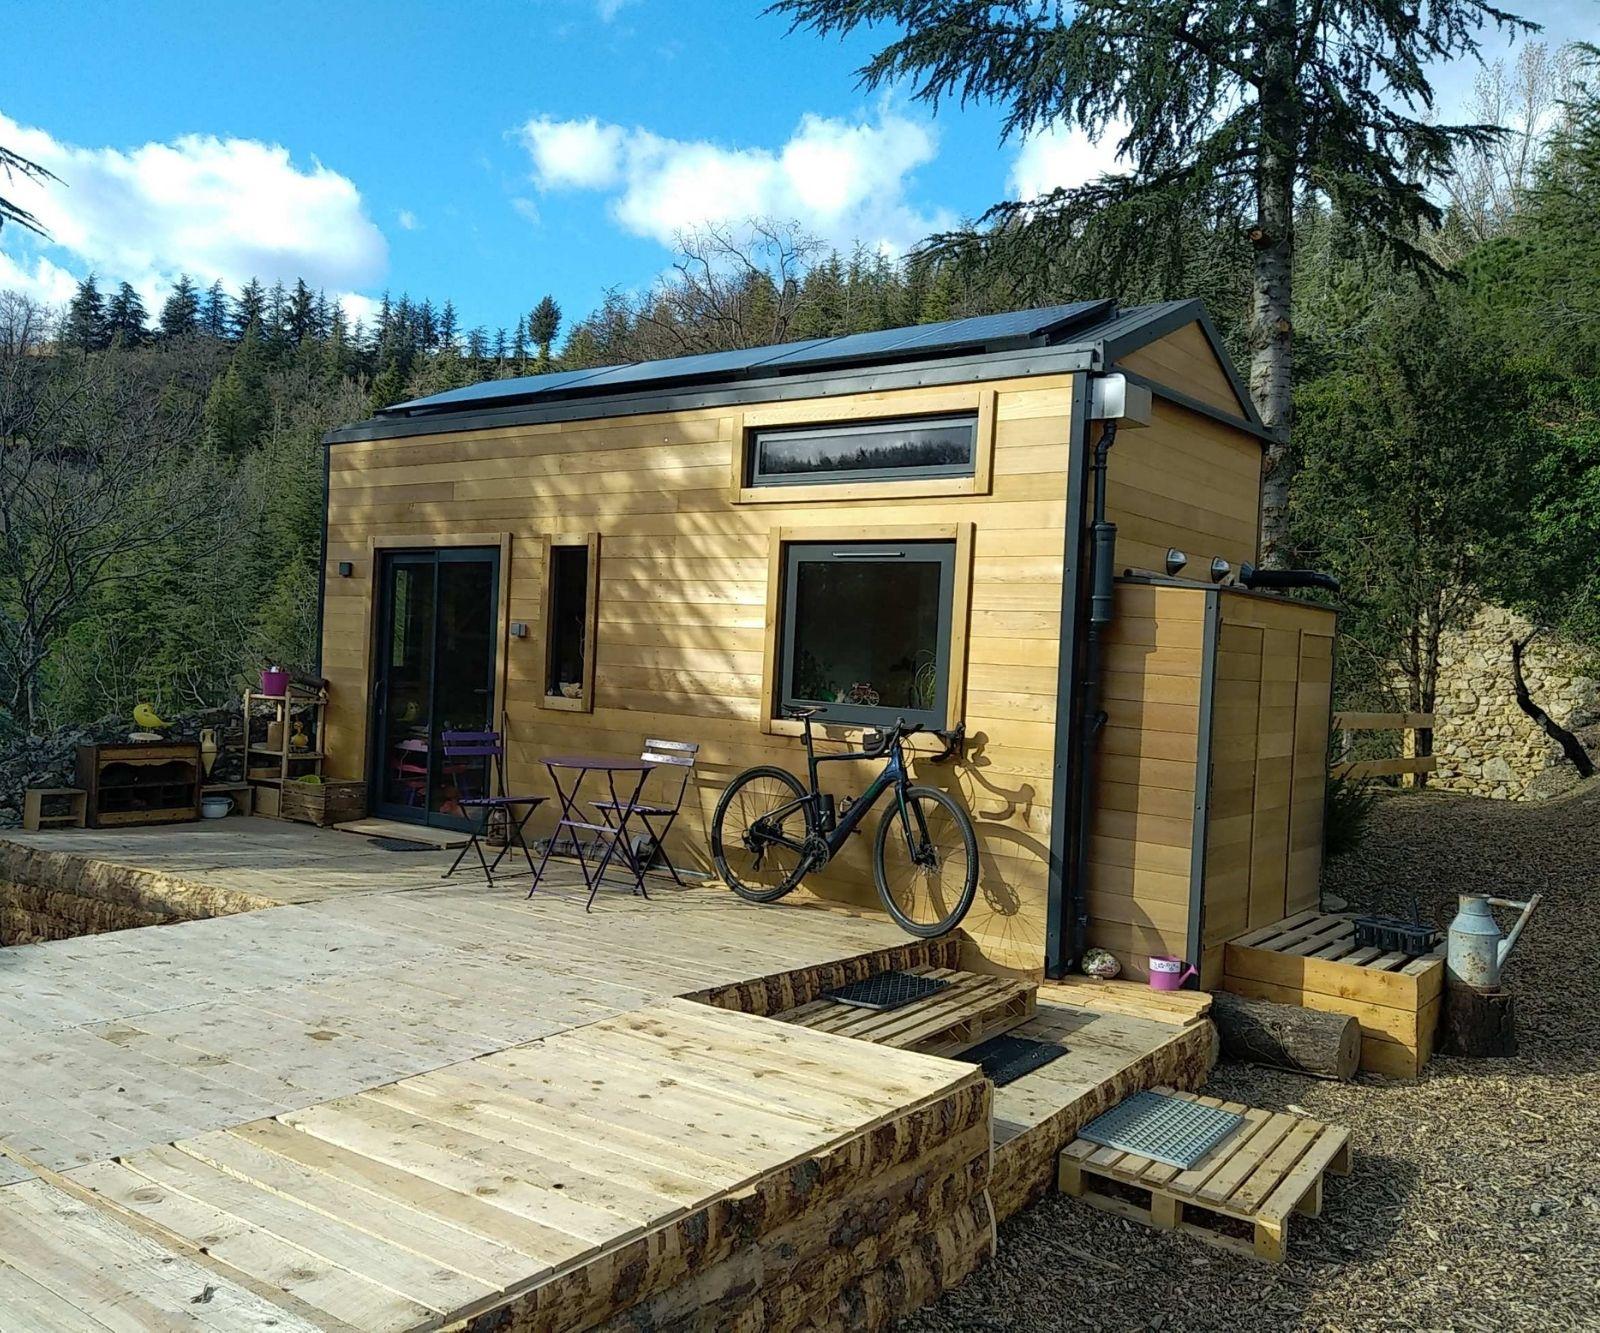 Photo de la Tiny House autonome de Cédric dans la forêt